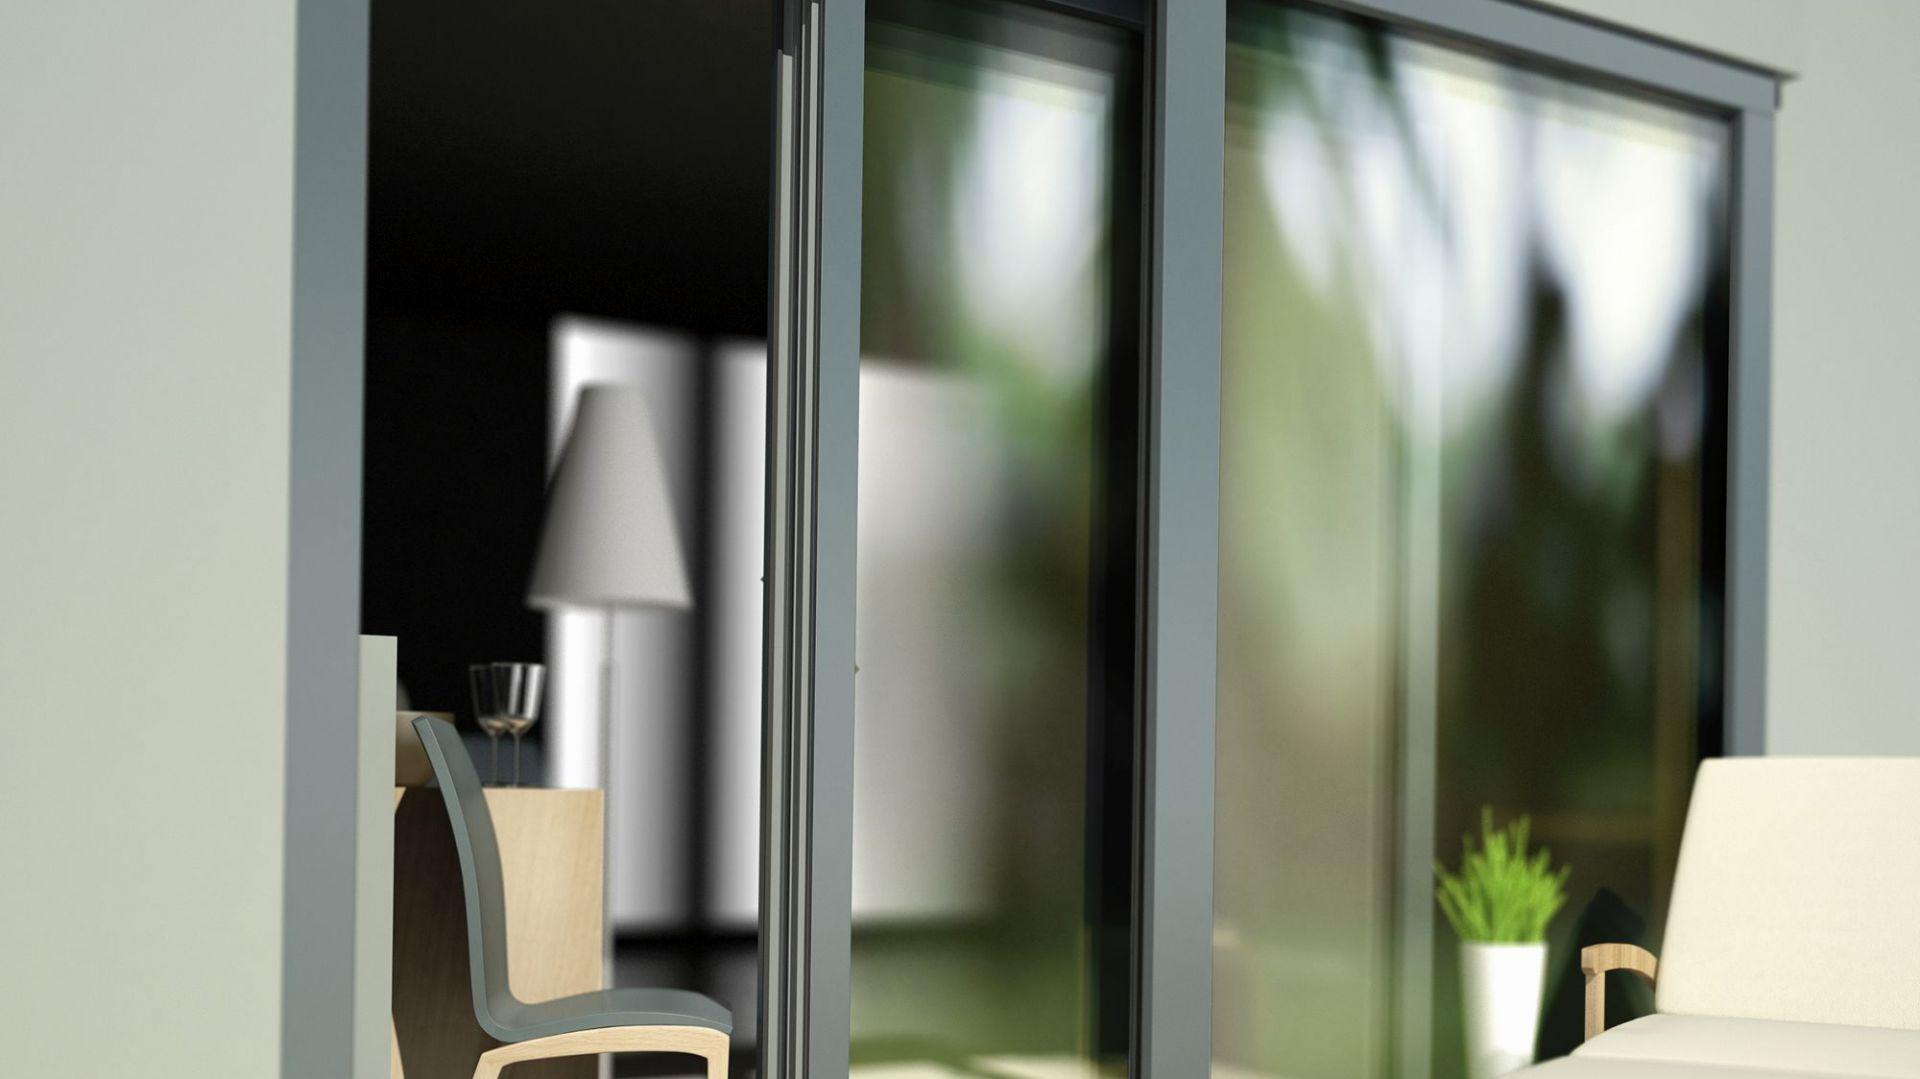 Doskonale czarne okna to najnowszy hit w stolarce okiennej. Proponowane przez MS więcej niż OKNA Alu Look w okleinie Jet Black matt CC+ doskonale wpisują się w ten trend, jednocześnie zapewniając ochronę przed ucieczką ciepła, izolację akustyczną i ochronę antywłamaniową. Fot. MS więcej niż OKNA